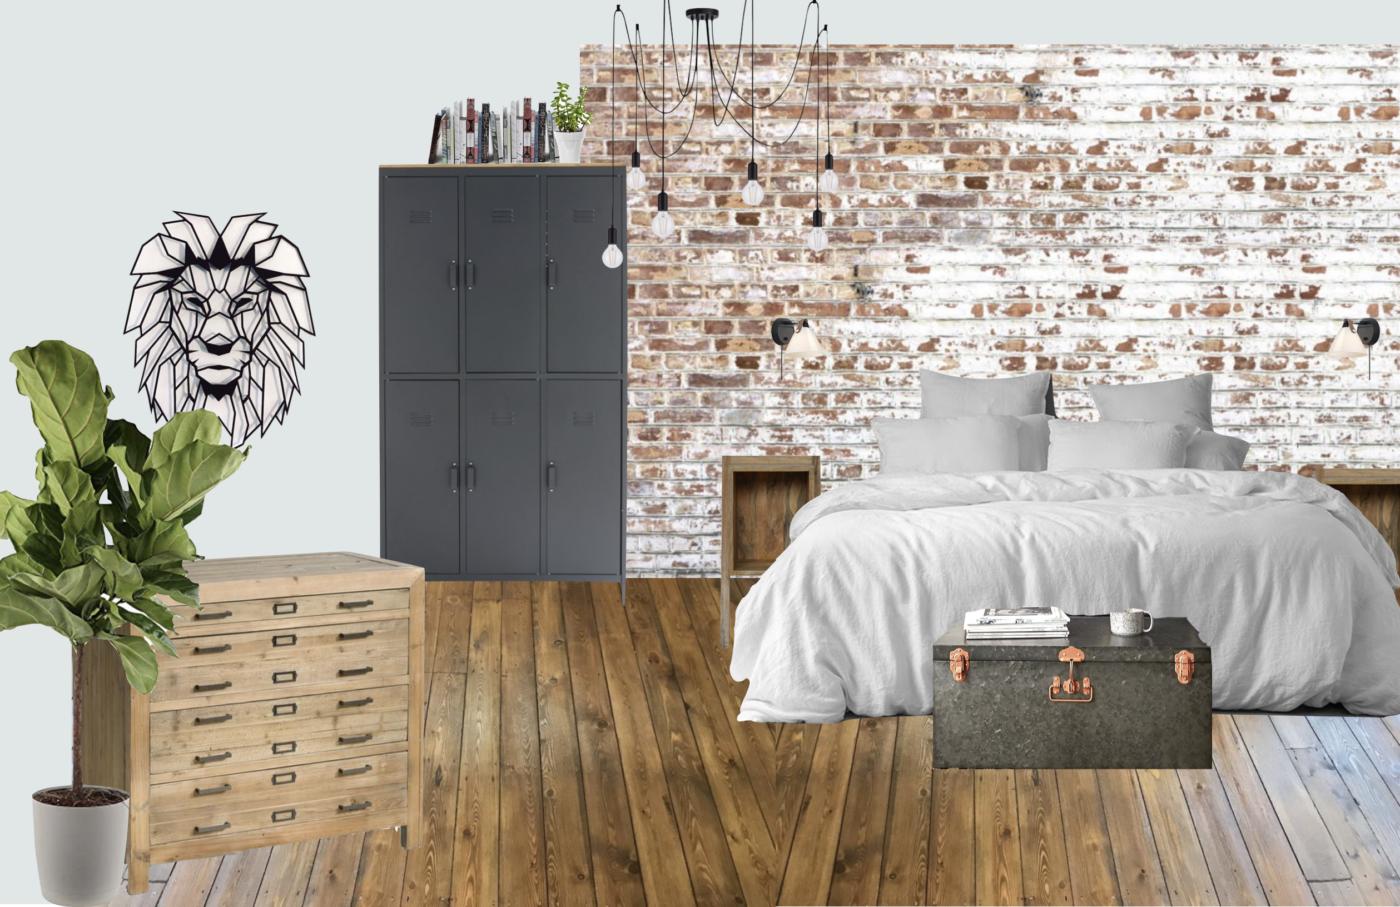 Brick Wall - Loft Bedroom Moodboard